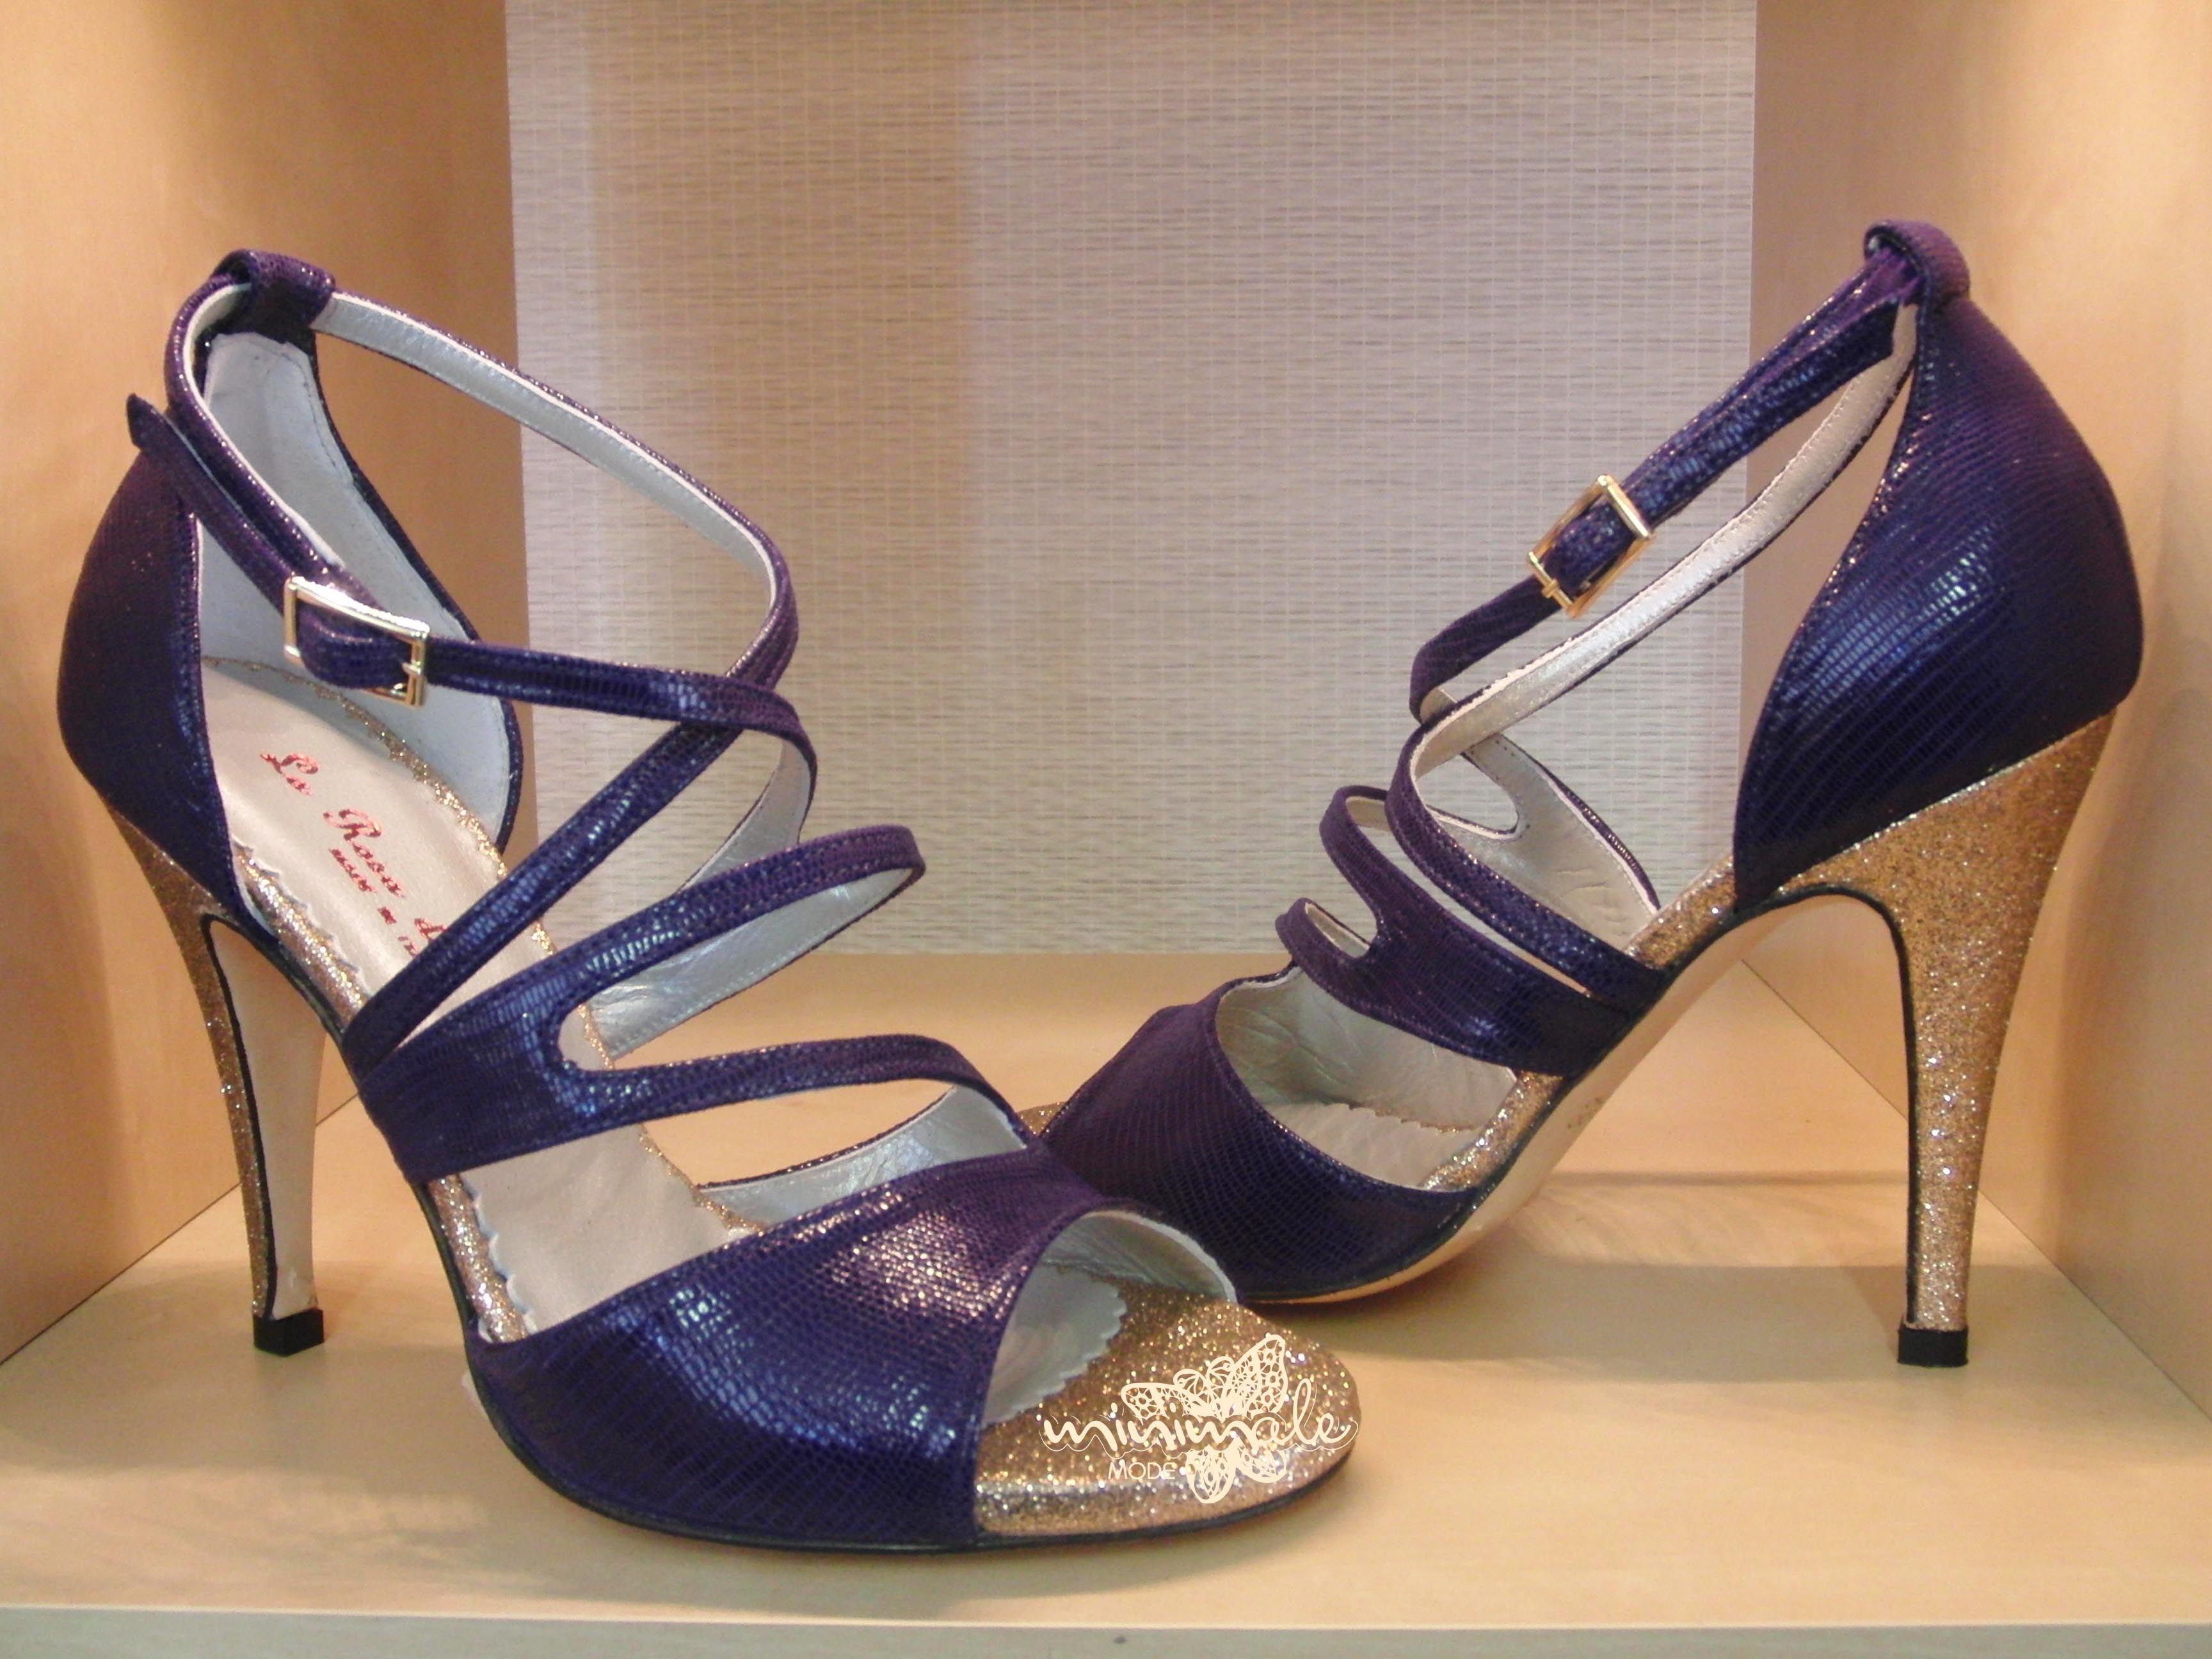 Item Elena, Sole Vero Cuoio, Materials minilizard, Glitter fabric, Toe Open, Back Closed, Color Purple&Gold, Heel Shape Stiletto